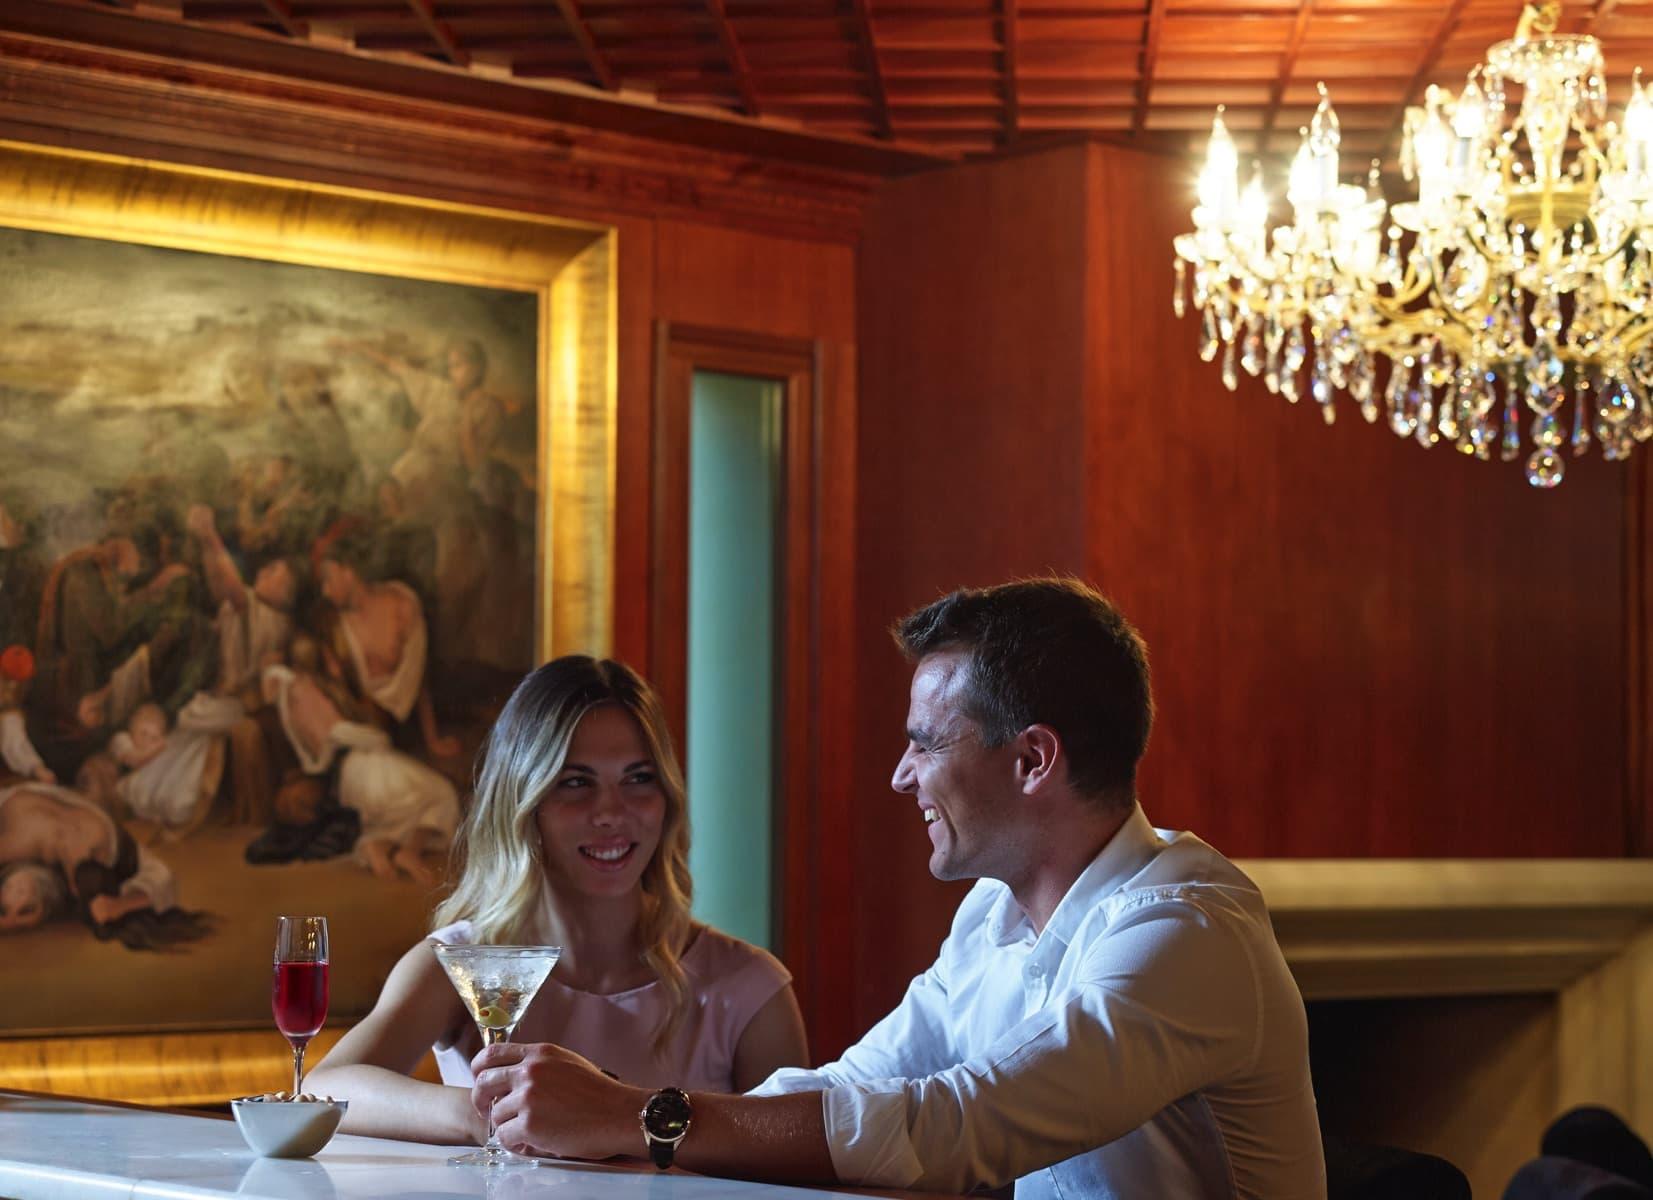 kourabas-bar-grand-serai-ioannina-greece-1.jpg